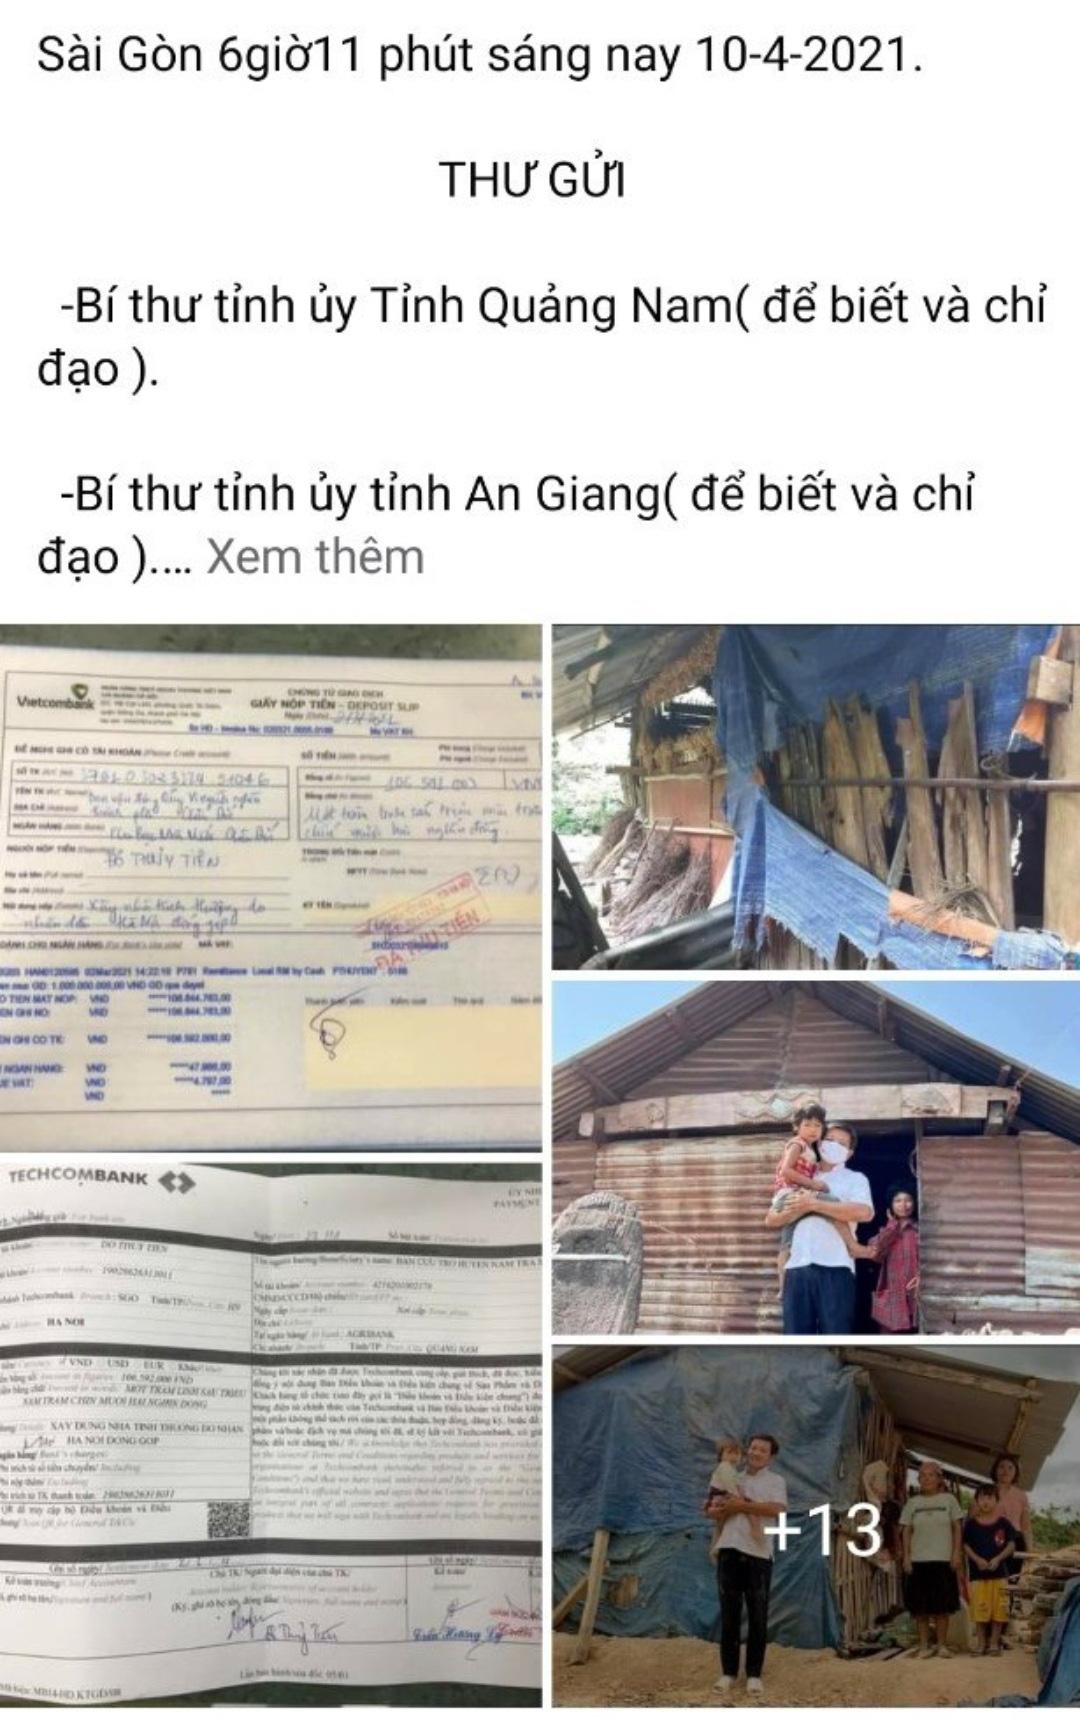 TP.Châu Đốc trả lại 106 triệu đồng cho ông Đoàn Ngọc Hải - Ảnh 1.